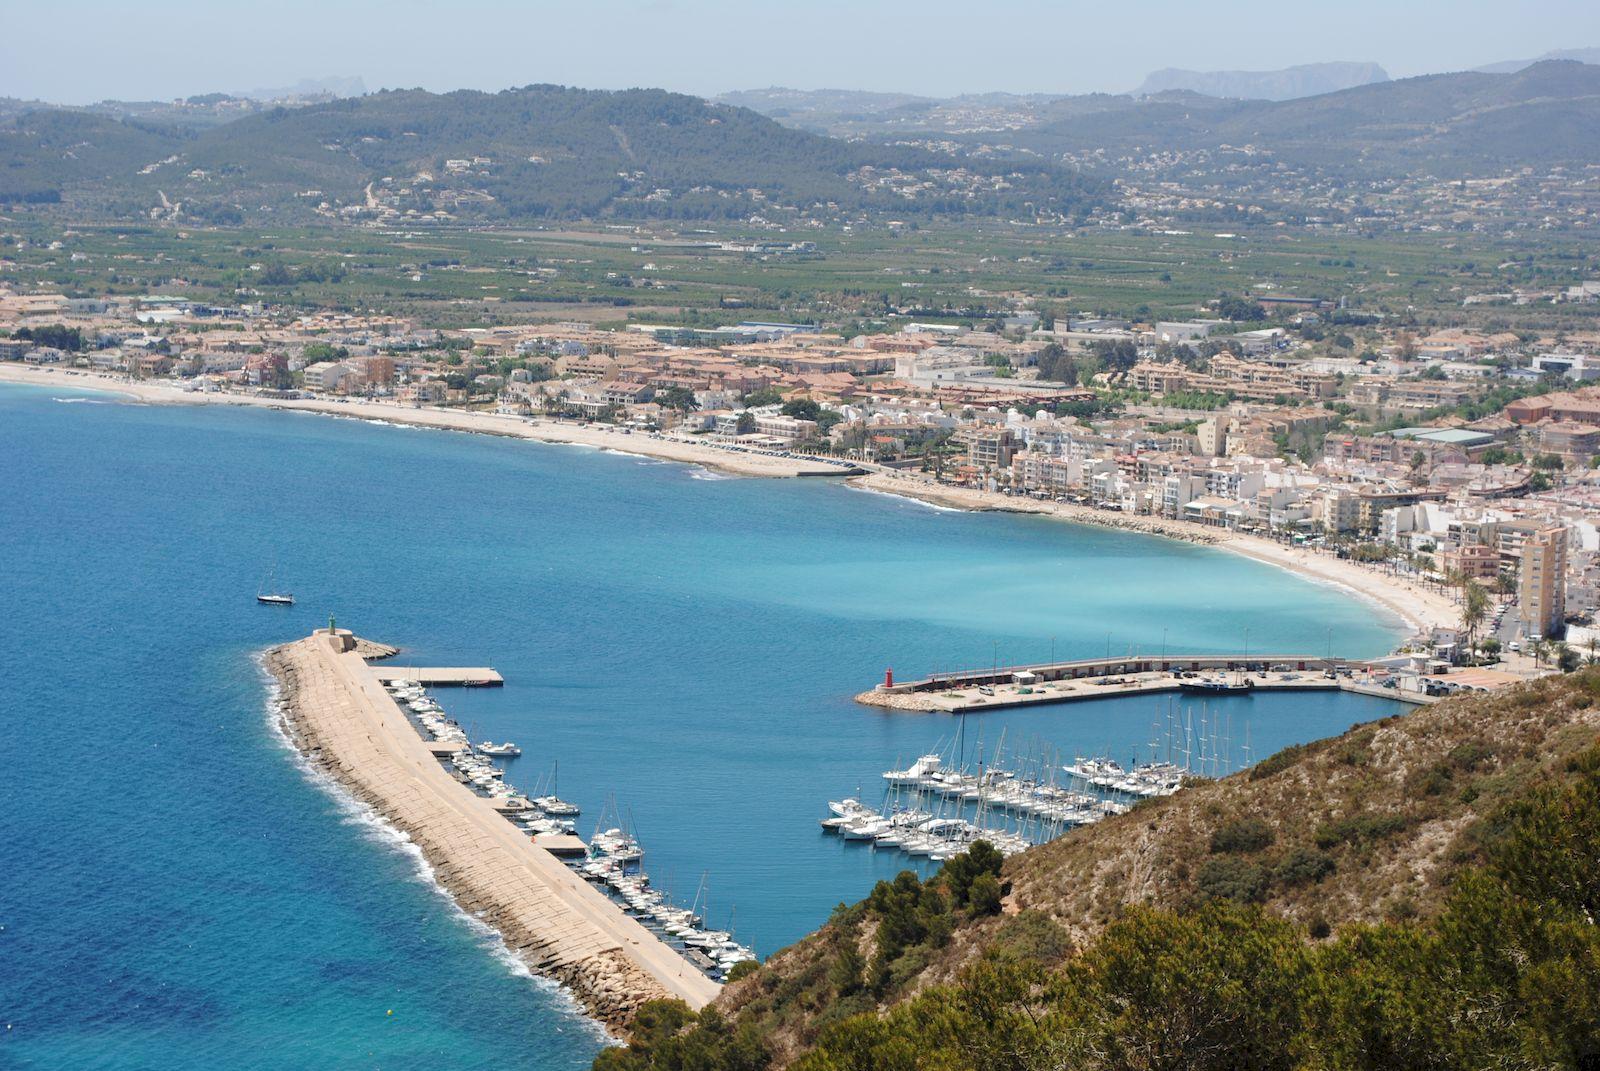 Neubau Förderung im Hafen von Javea zu verkaufen - Costa Blanca